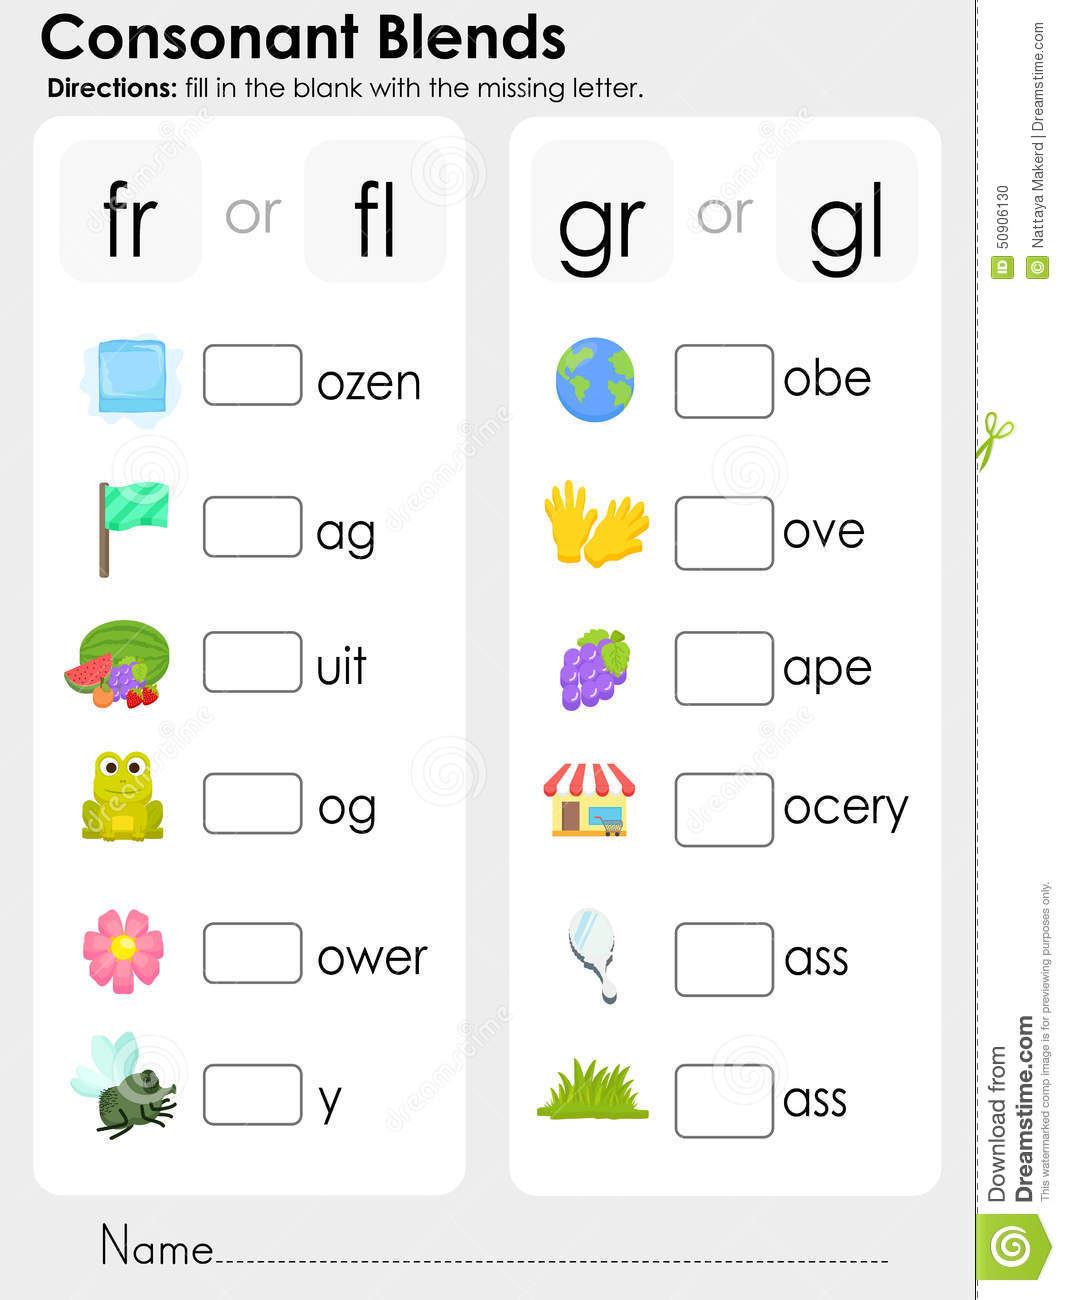 Consonant Blends Missing Letter